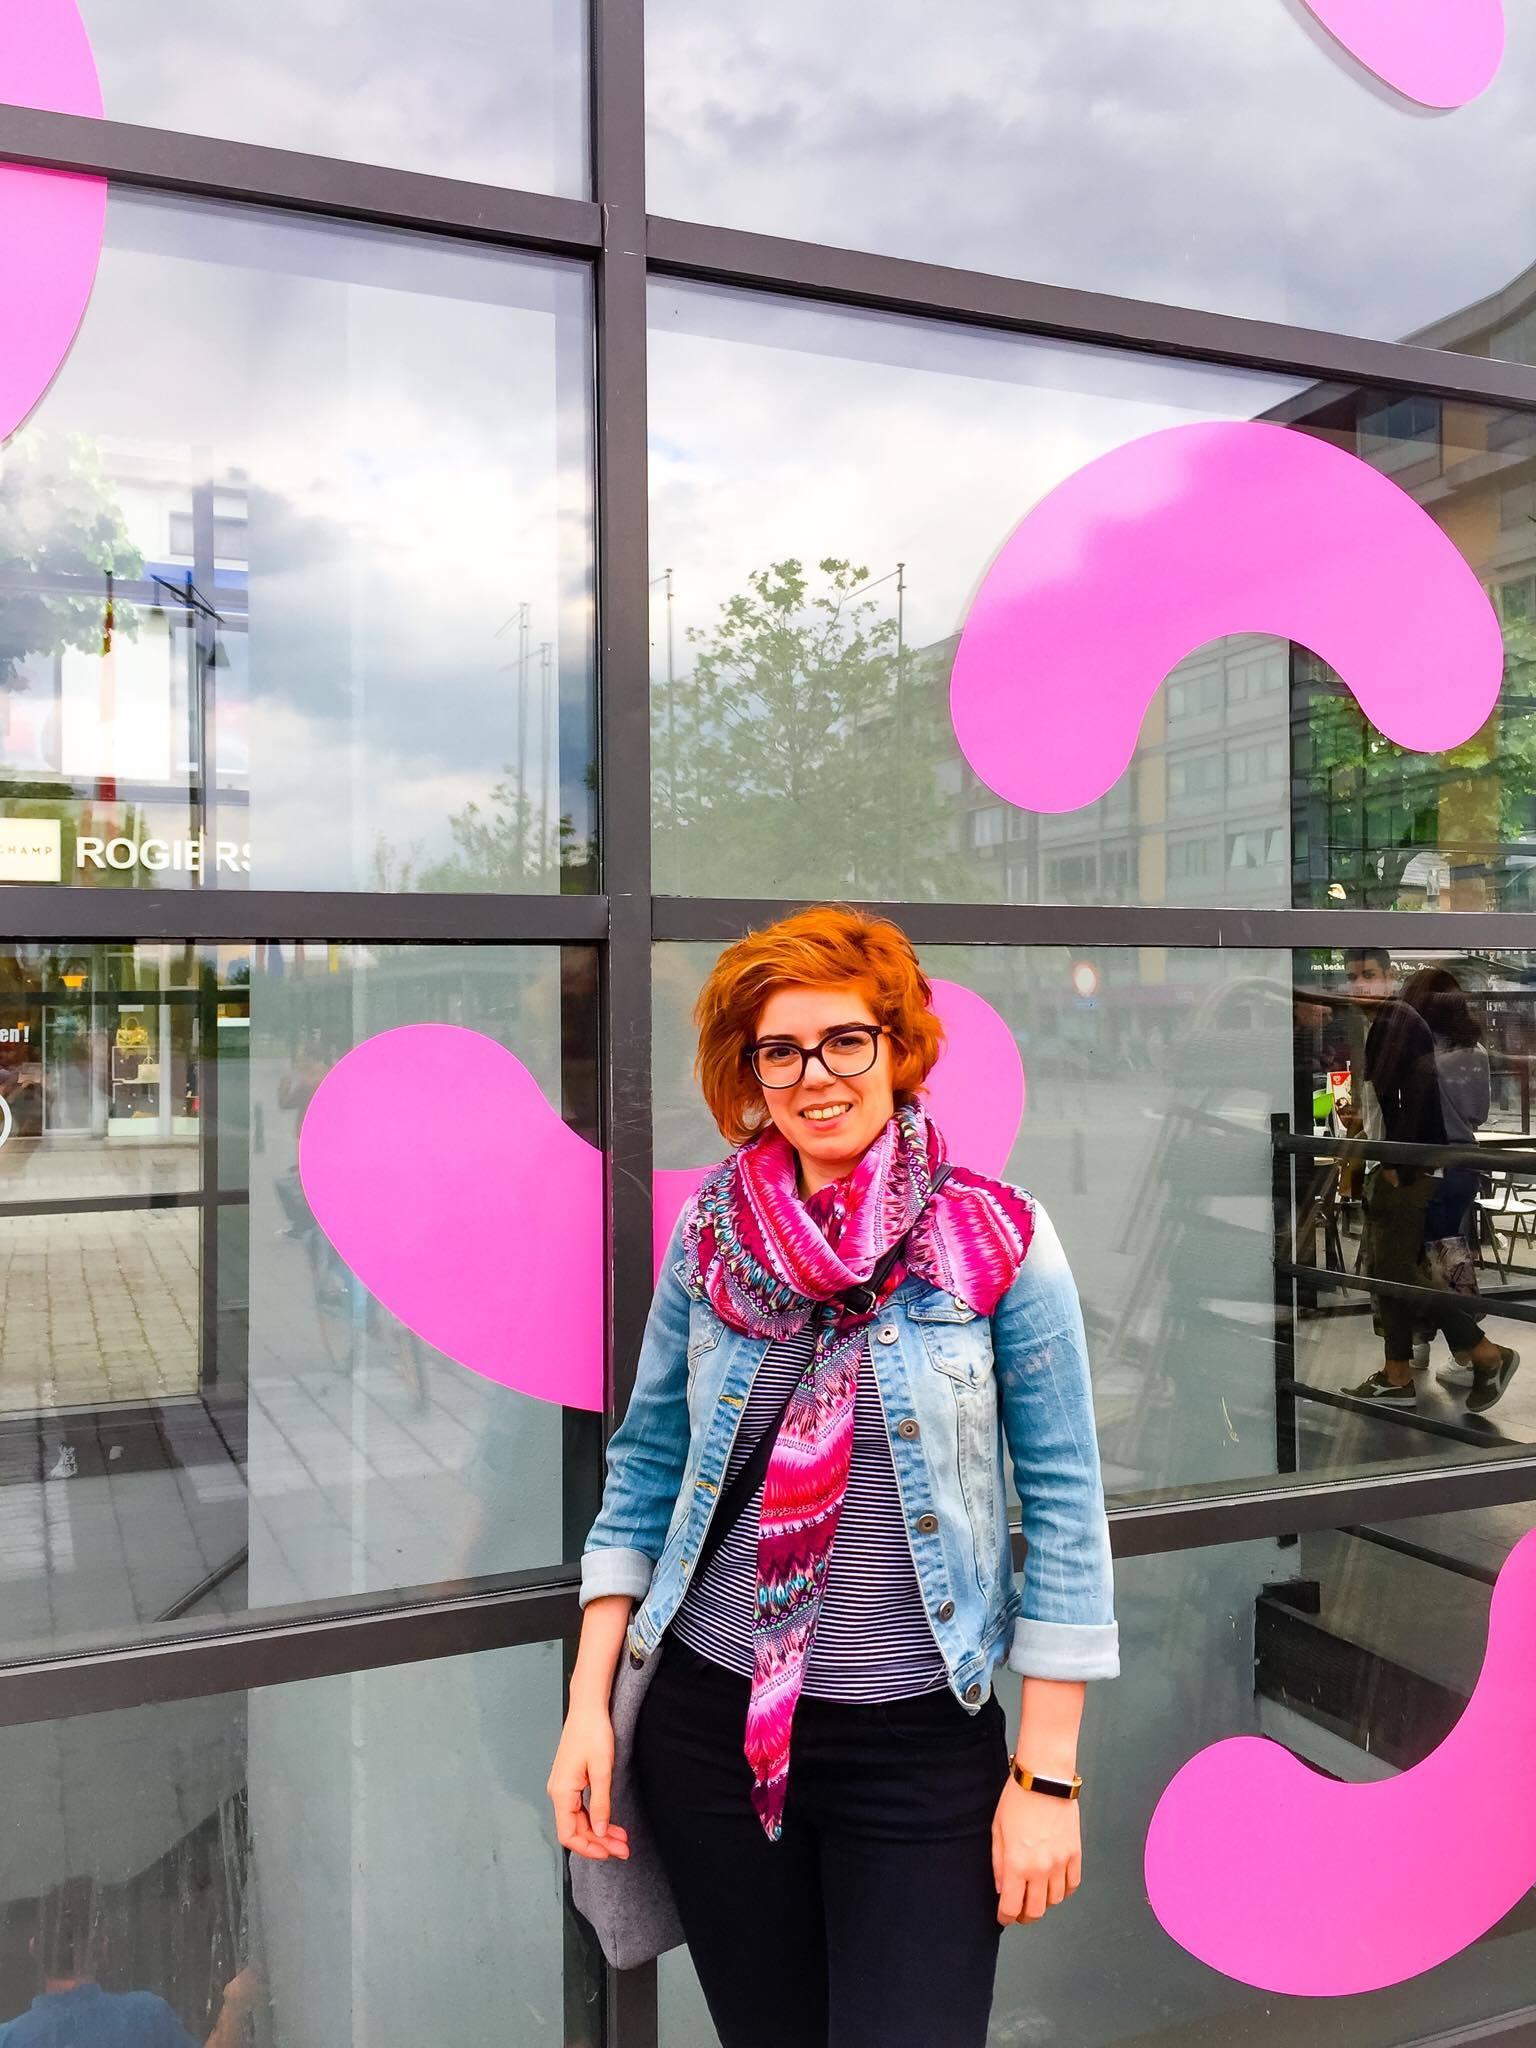 Tine Versleegers: met haar mooie patronen doet ze aan storytelling - I love Hasselt is een feel good magazine over, voor en door Hasselaren. Zij brengen het verhaal van creatieve mensen uit Hasselt. Oprichter Gama Putra interviewde me naar aanleiding van mijn deelname aan de mei-editie van Bizidee's Pop Poll.